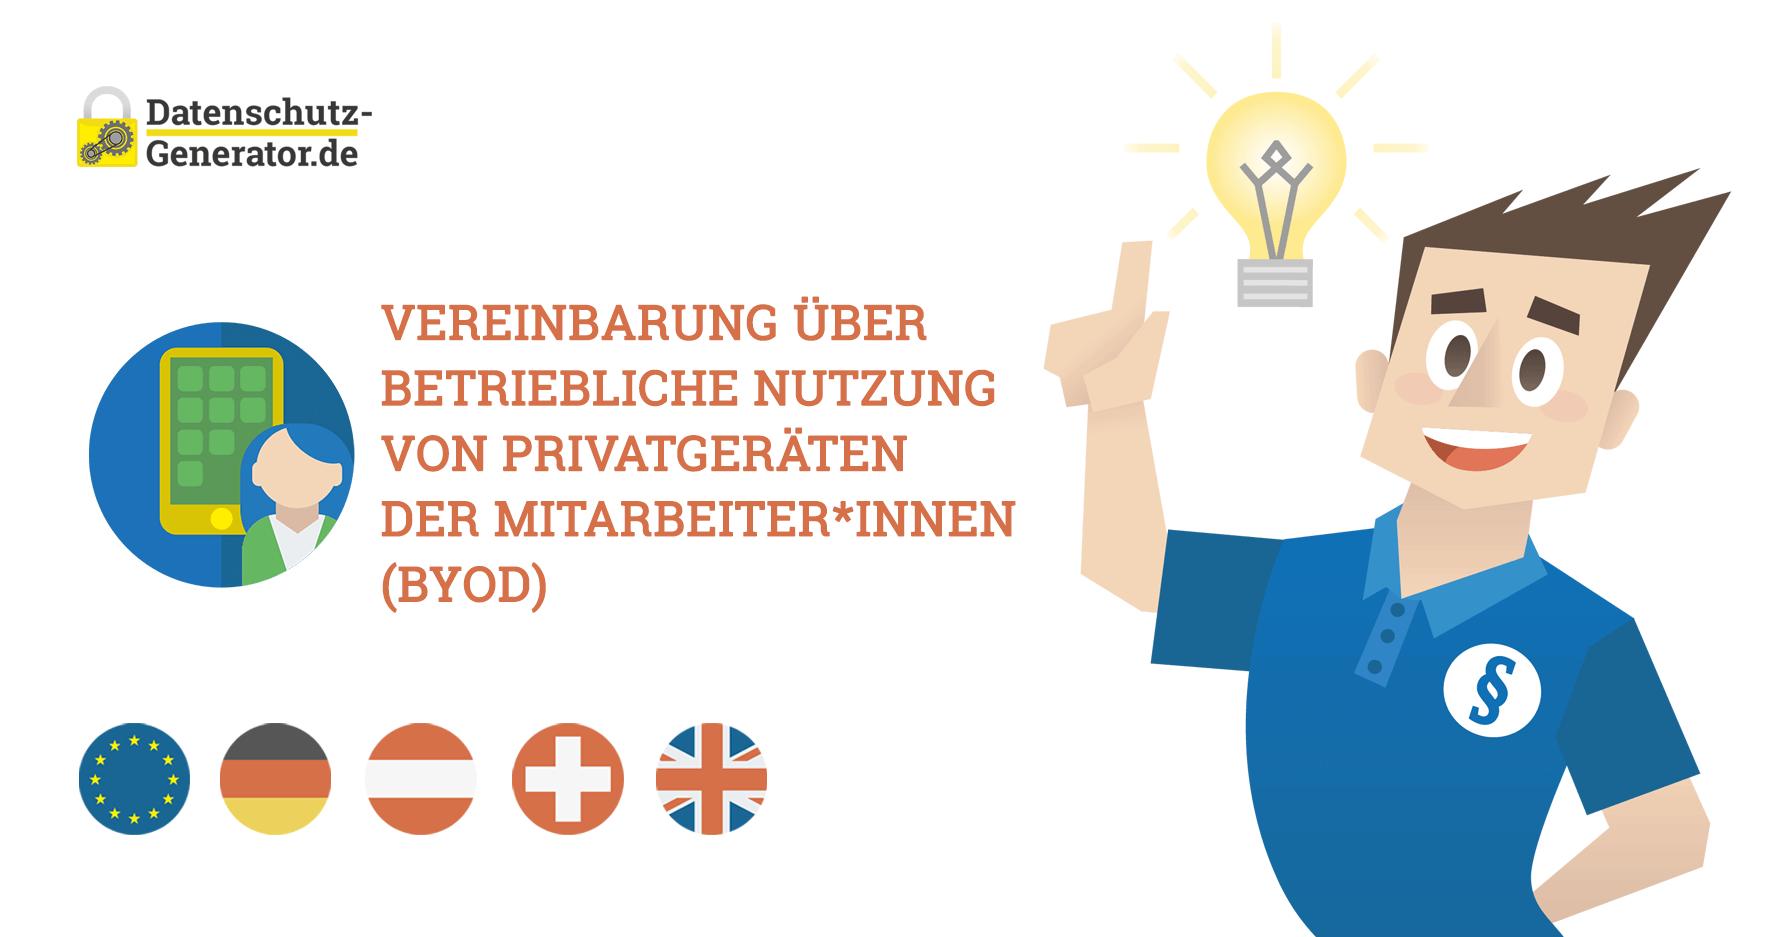 Nutzen Ihre Mitarbeiter*innen private Geräte für berufliche Aufgaben (BYOD)?